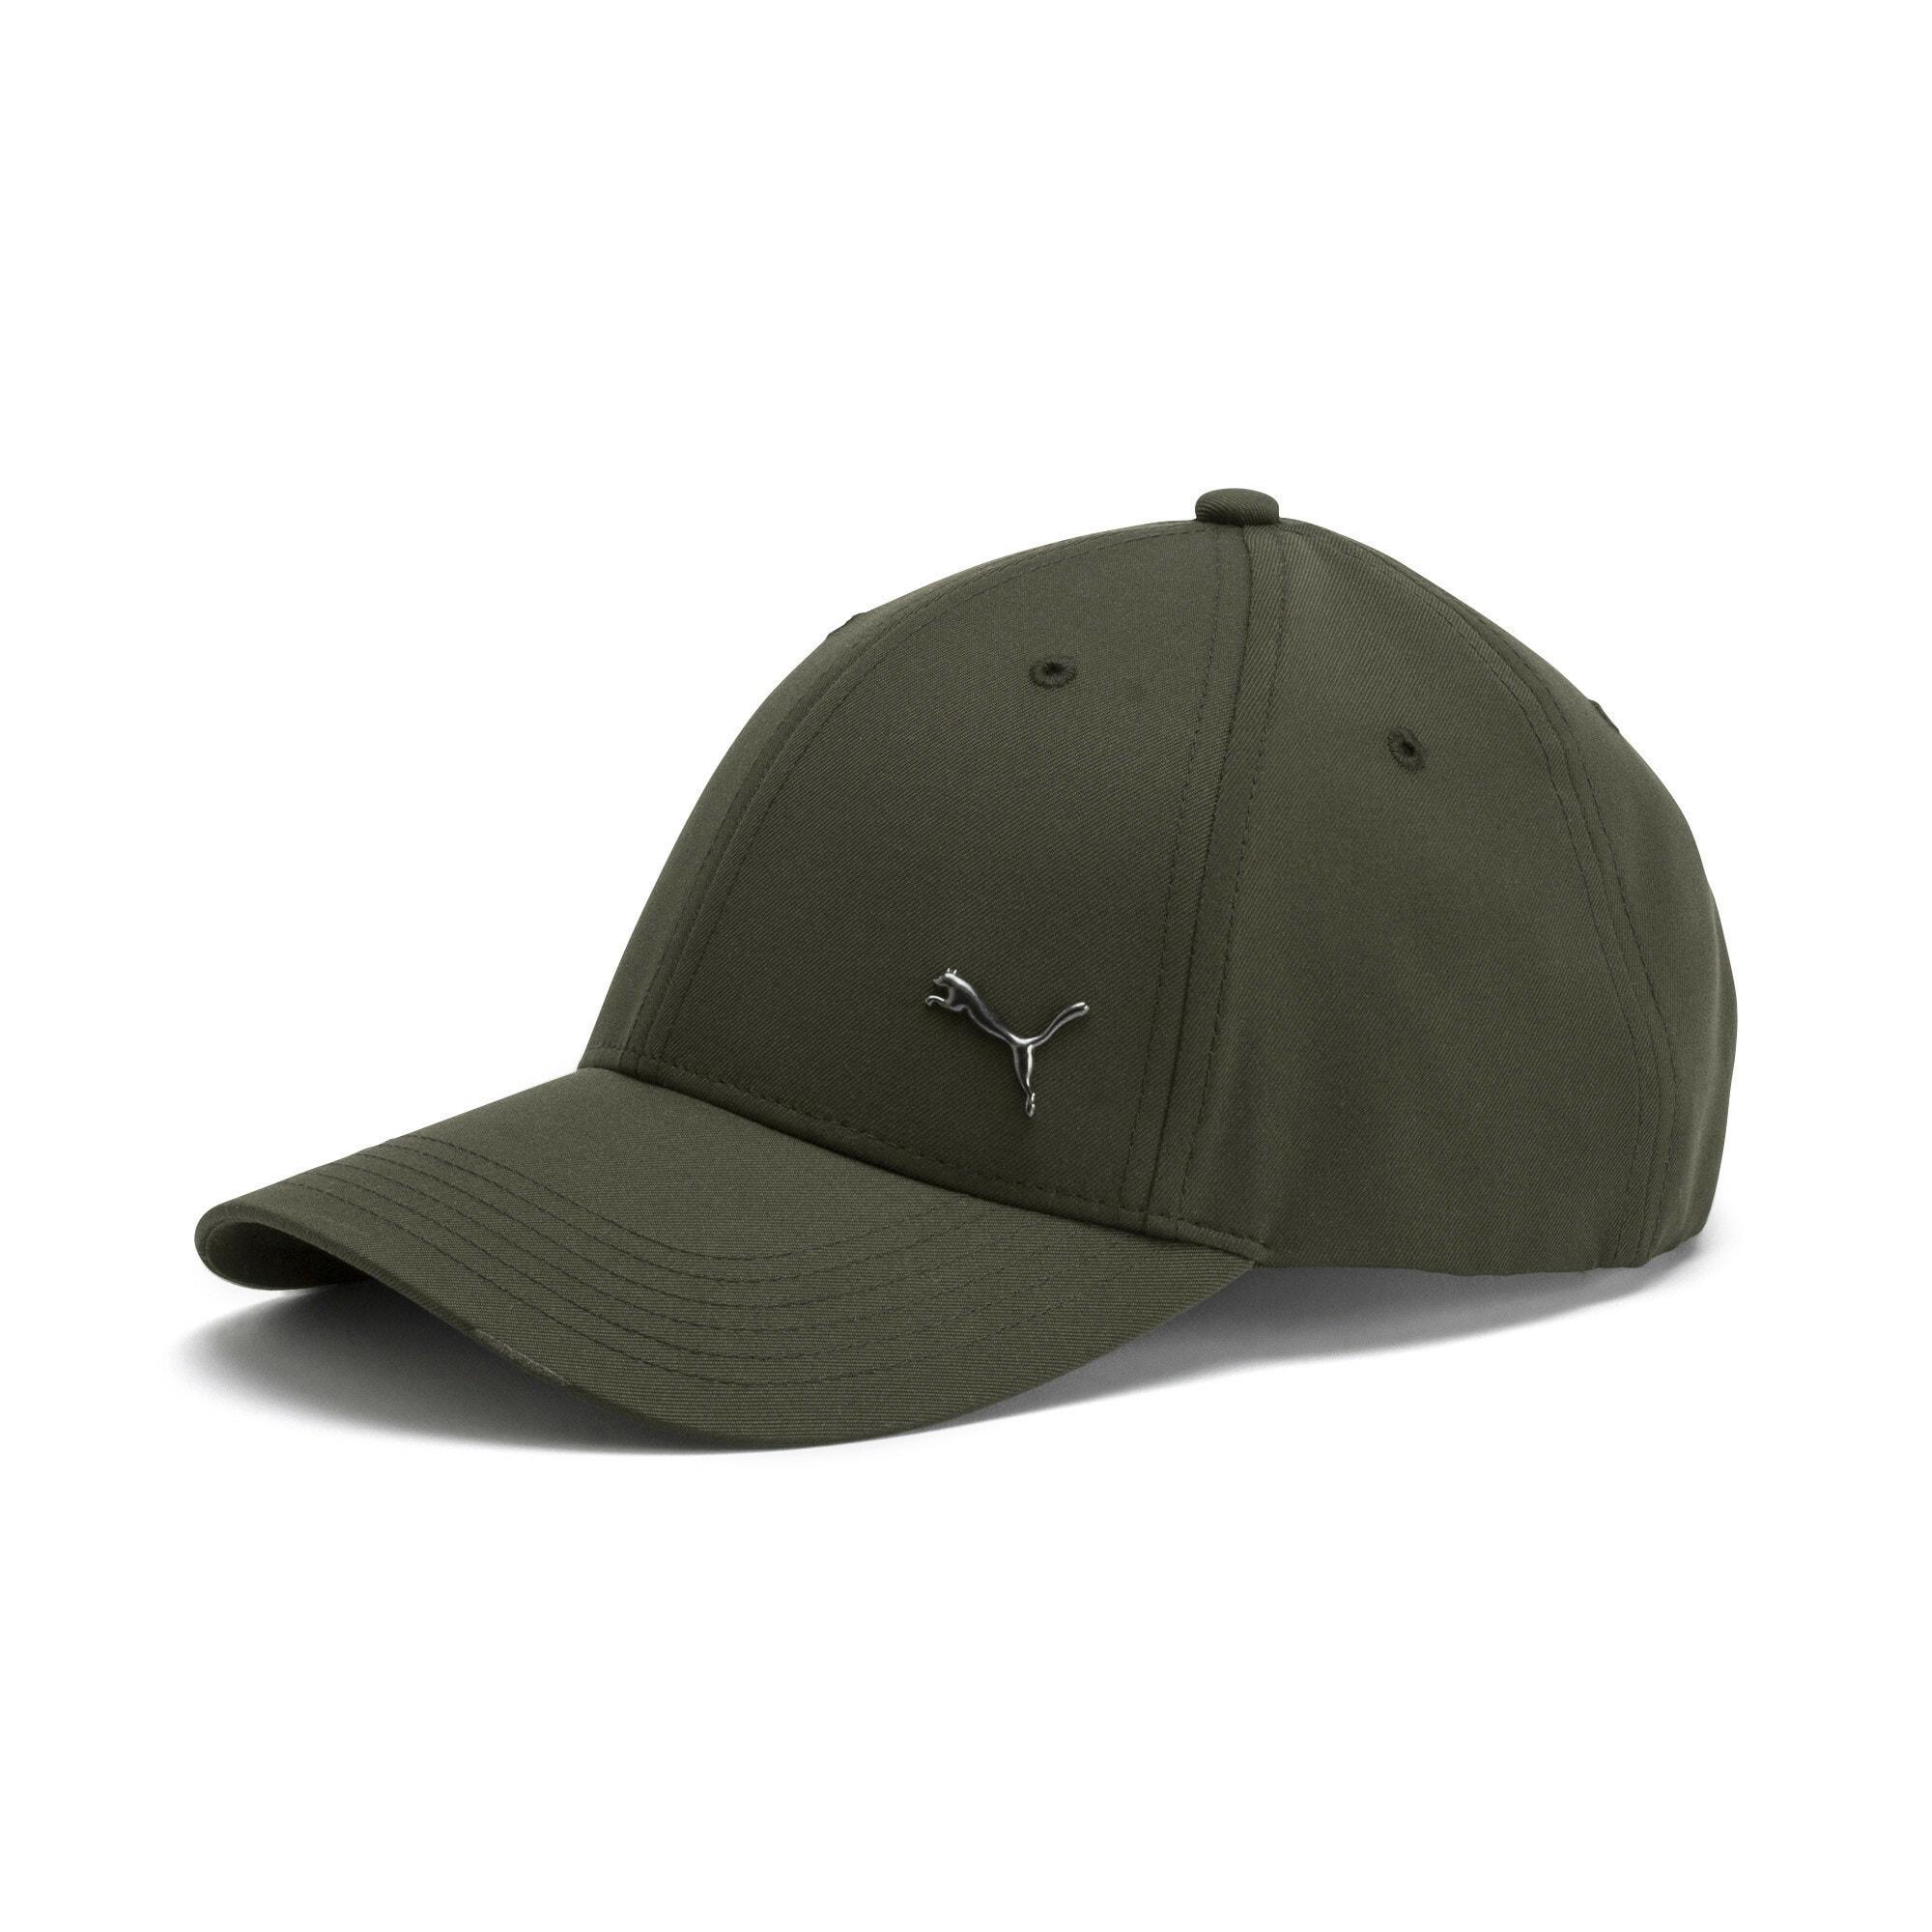 PUMA Cappello da baseball  cachi male shop the look